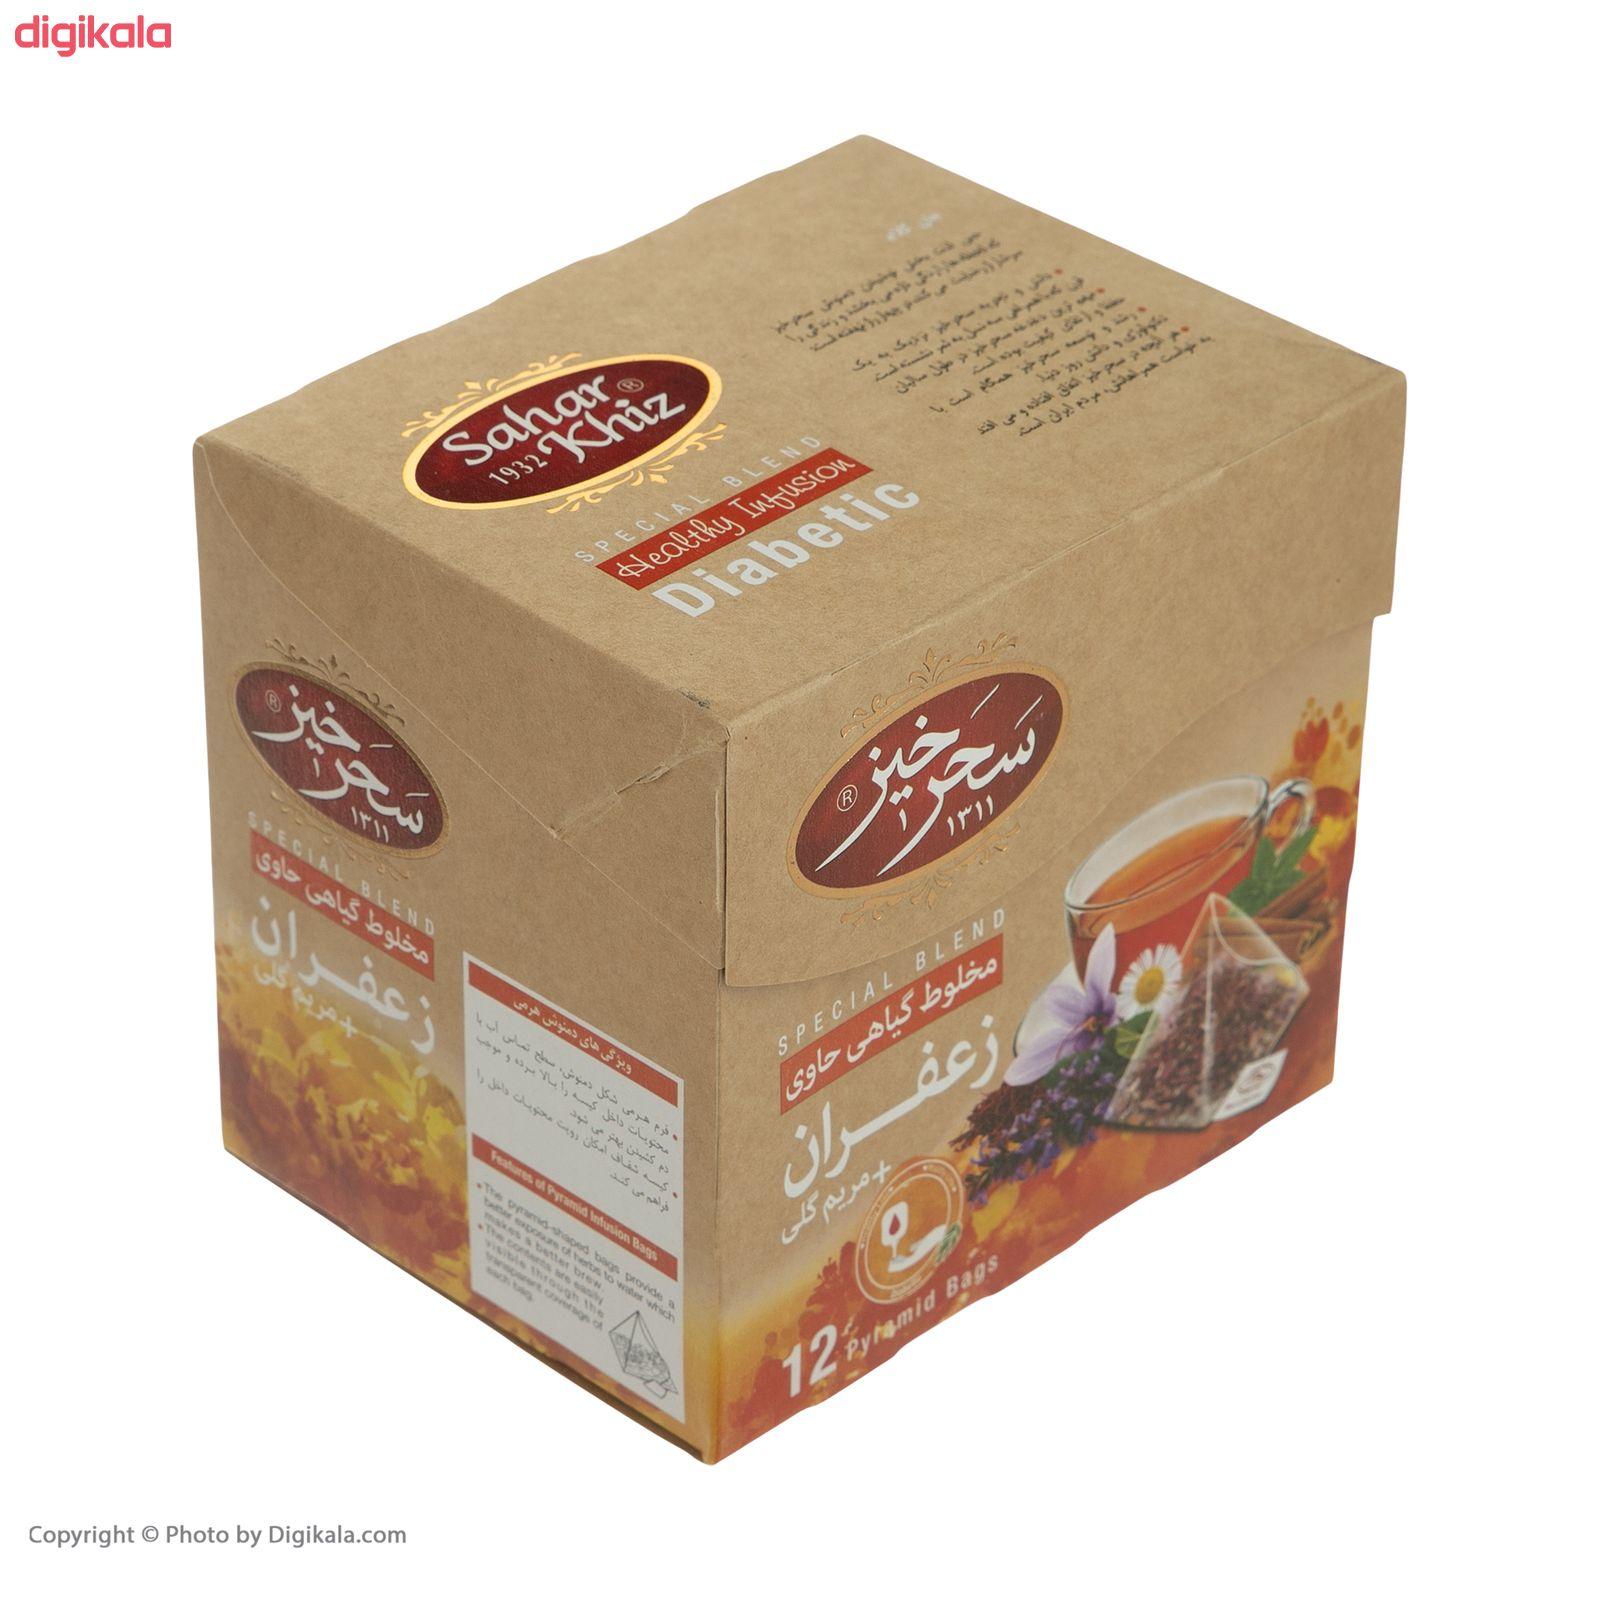 دمنوش مخلوط گیاهی زعفران و مریم گلی سحر خیز  - بسته 12 عددی  main 1 6